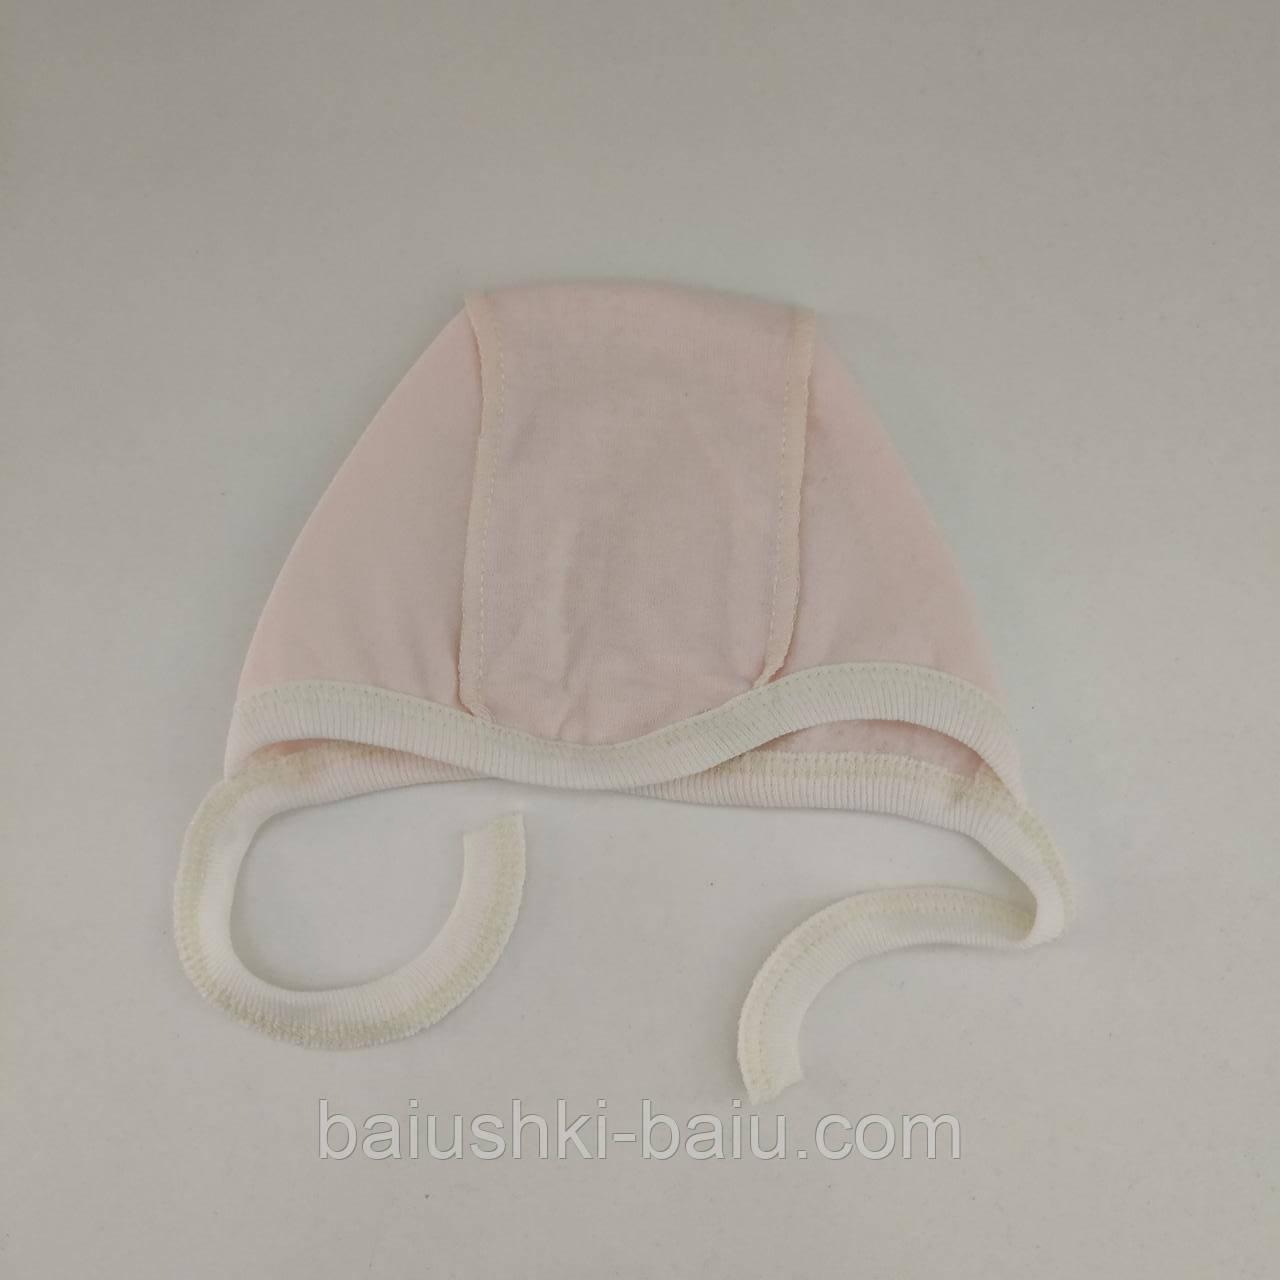 Чепчик в роддом для новорожденного (футер), р. 0-1 мес.